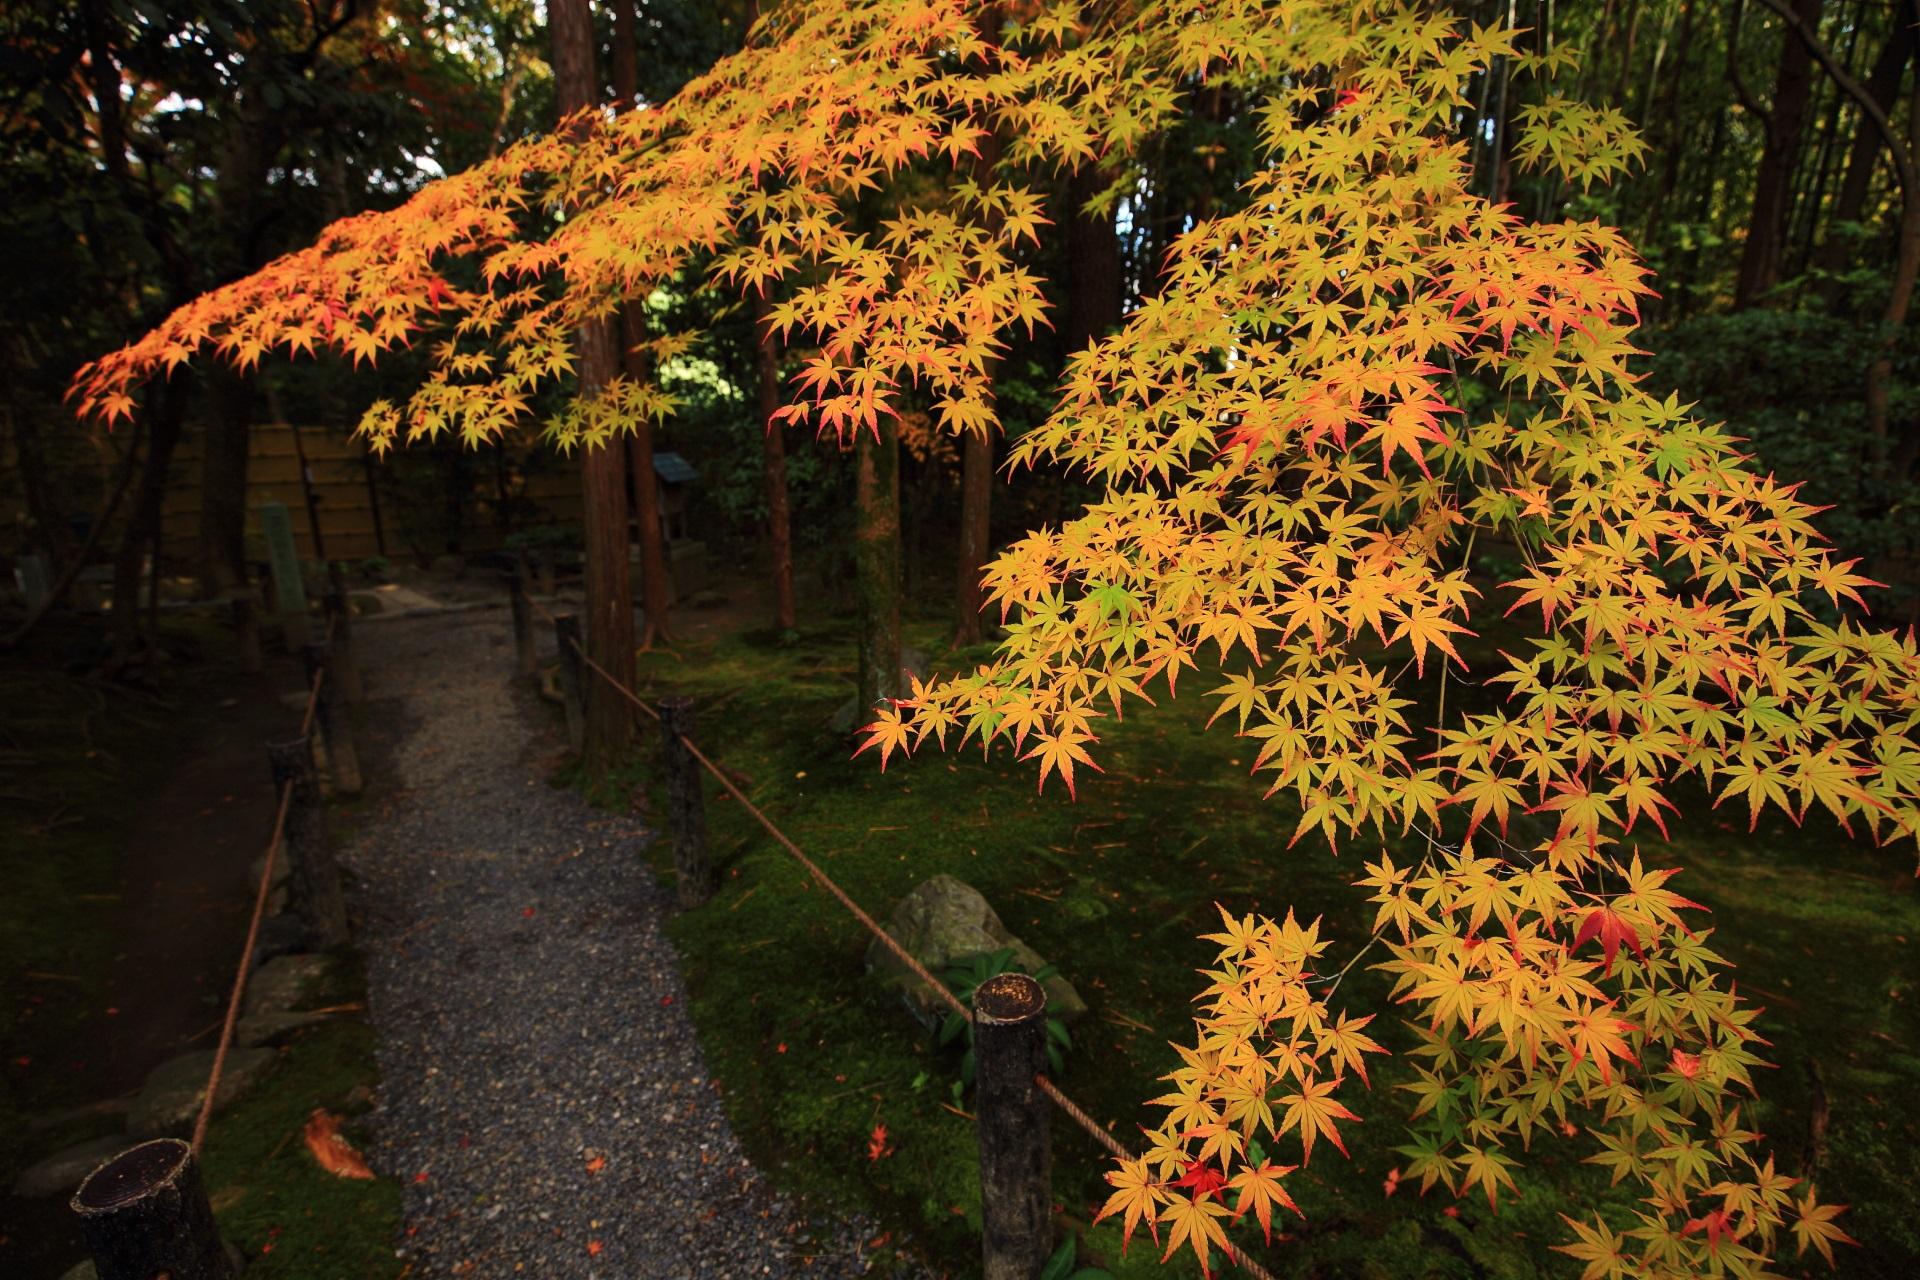 桂春院の落ち着いた庭園を彩る見事なオレンジや黄色の紅葉